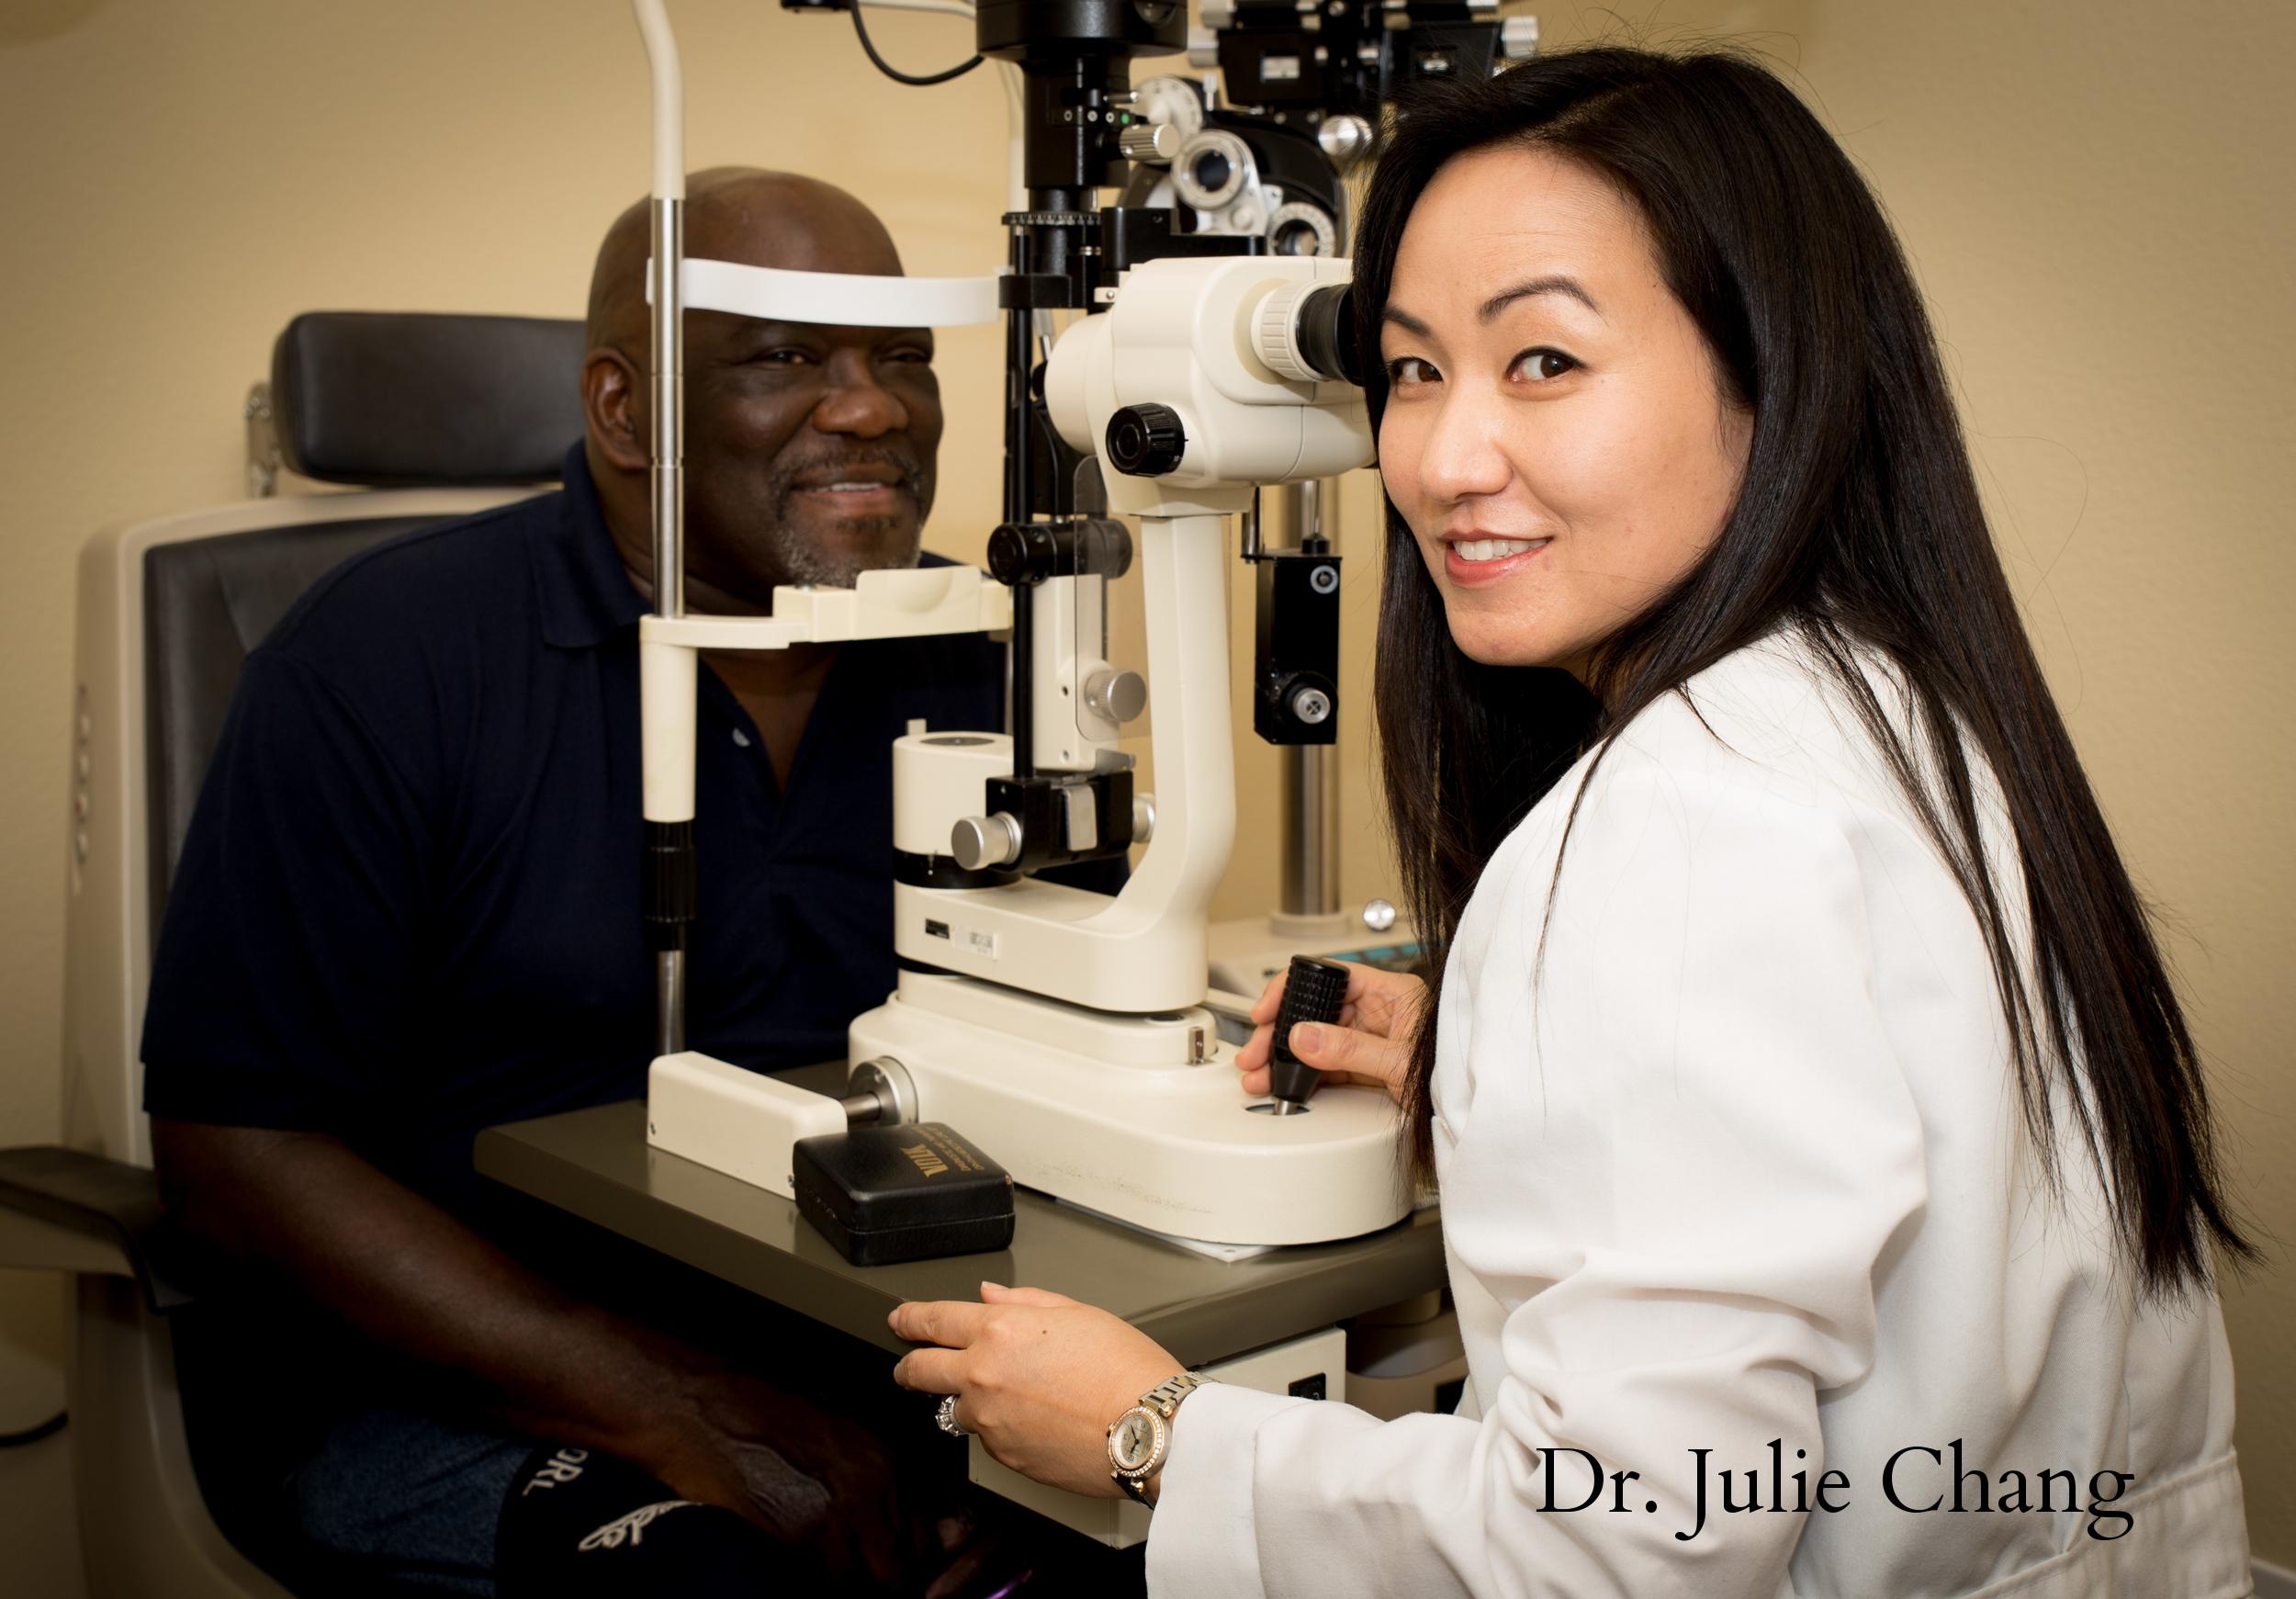 Dr. Julie Chang of Vegas Vision